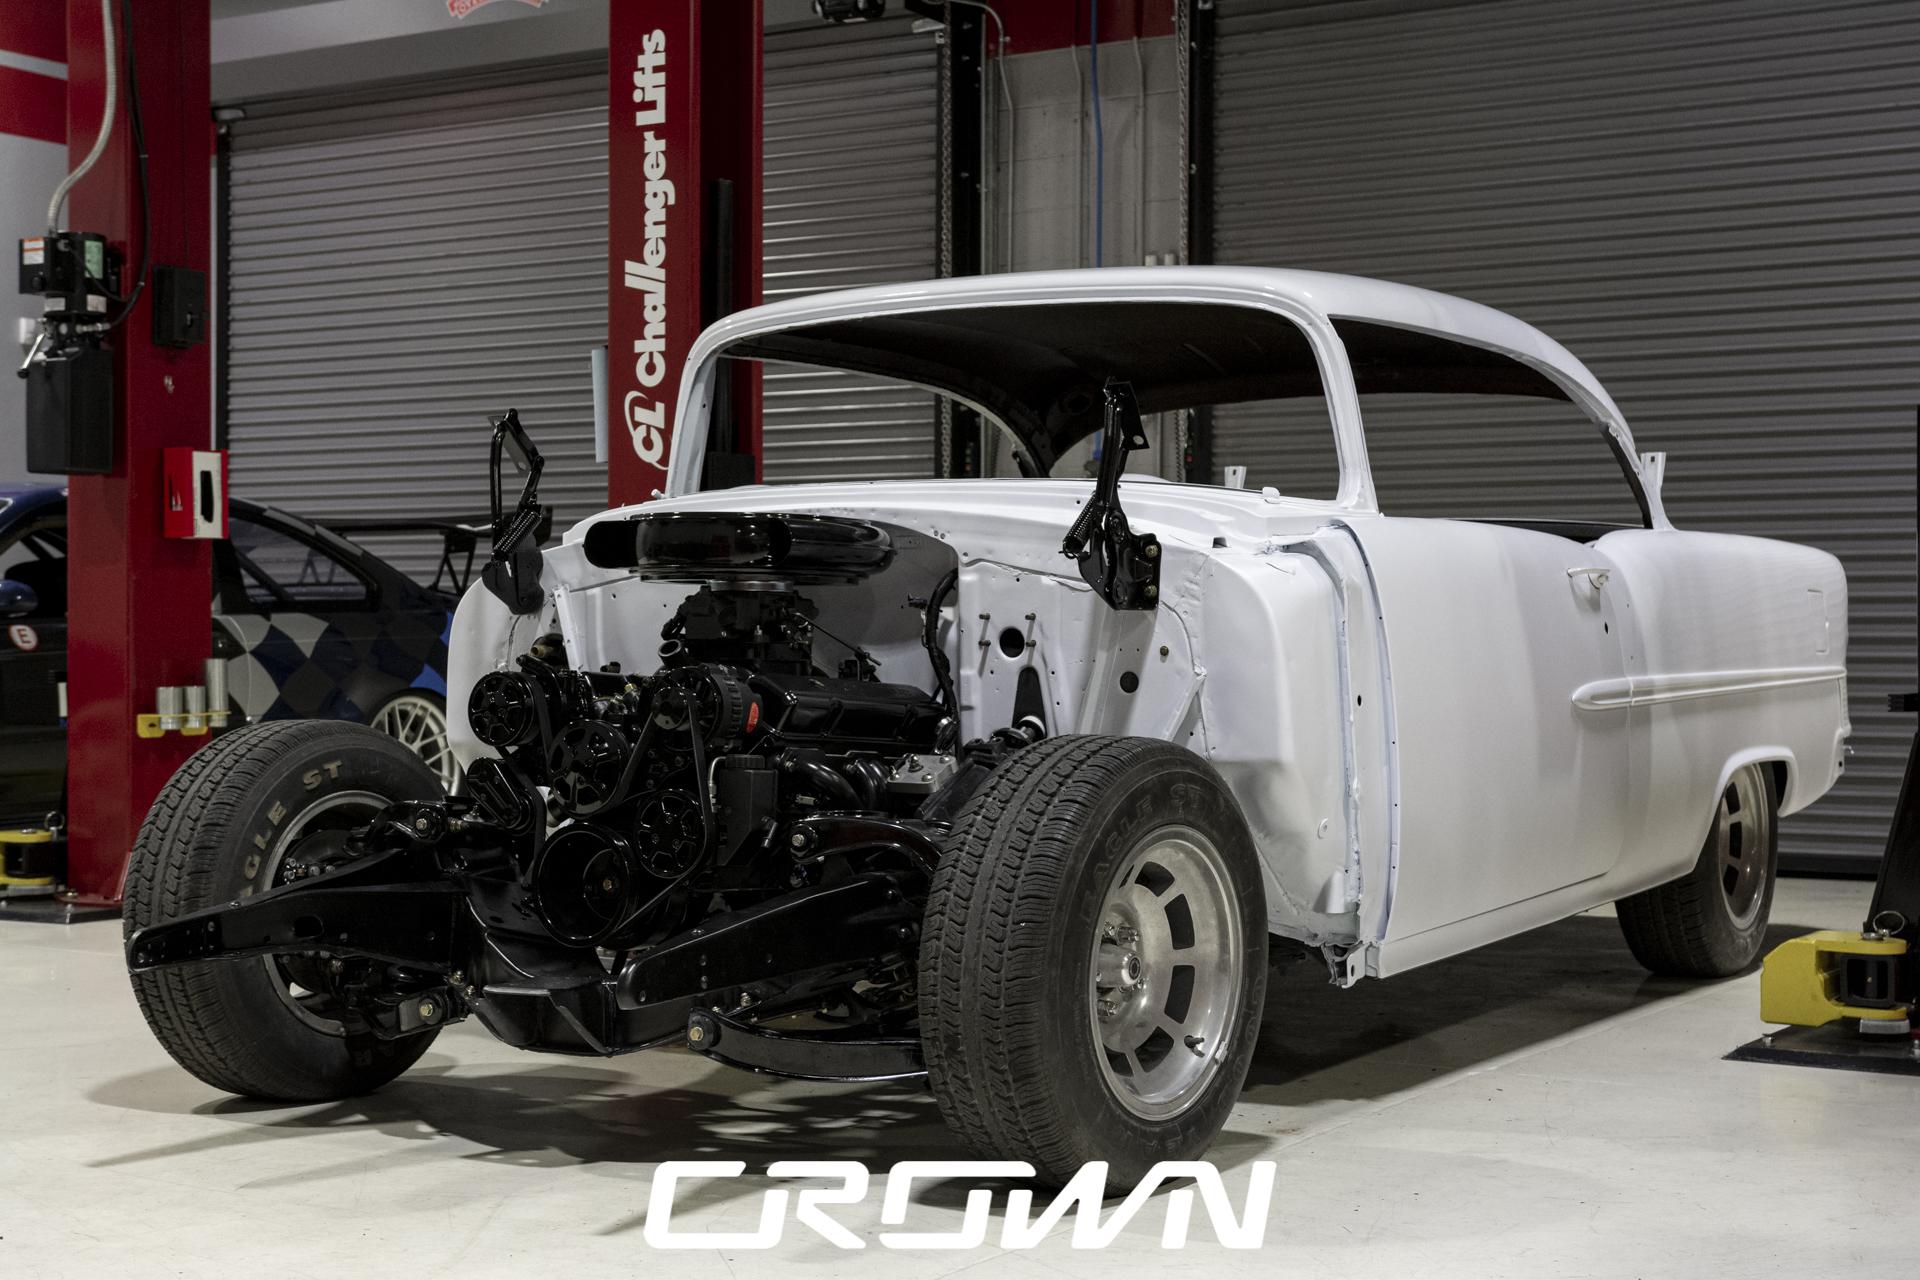 1955 Chevrolet Bel-Air Resto-Mod Update